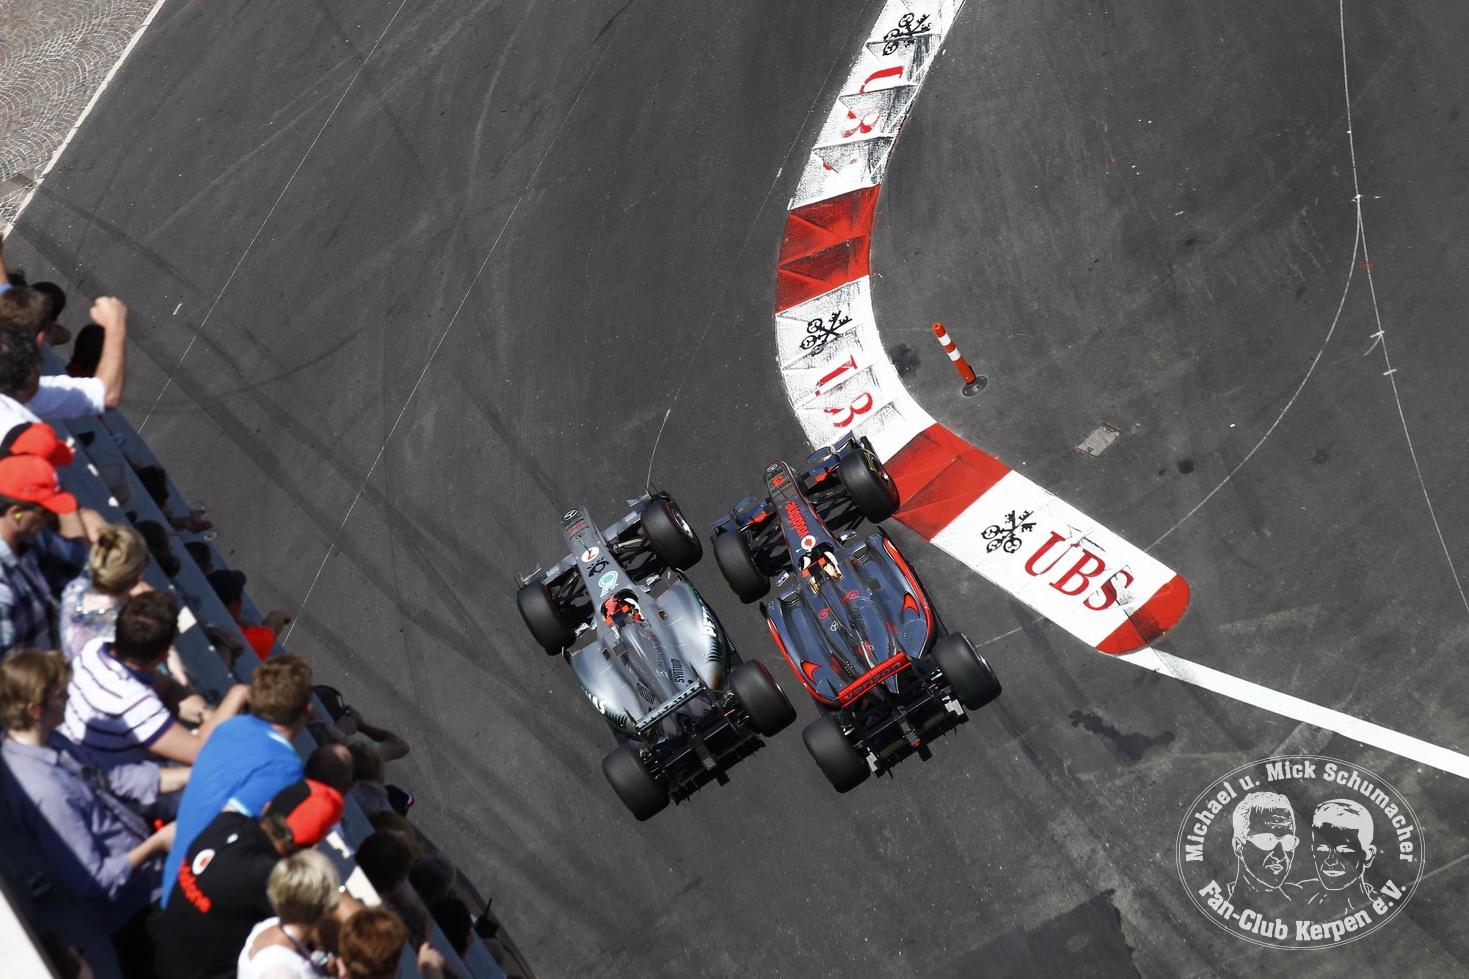 Formel 1, Grand Prix Monaco 2011, Monte Carlo, 29.05.2011